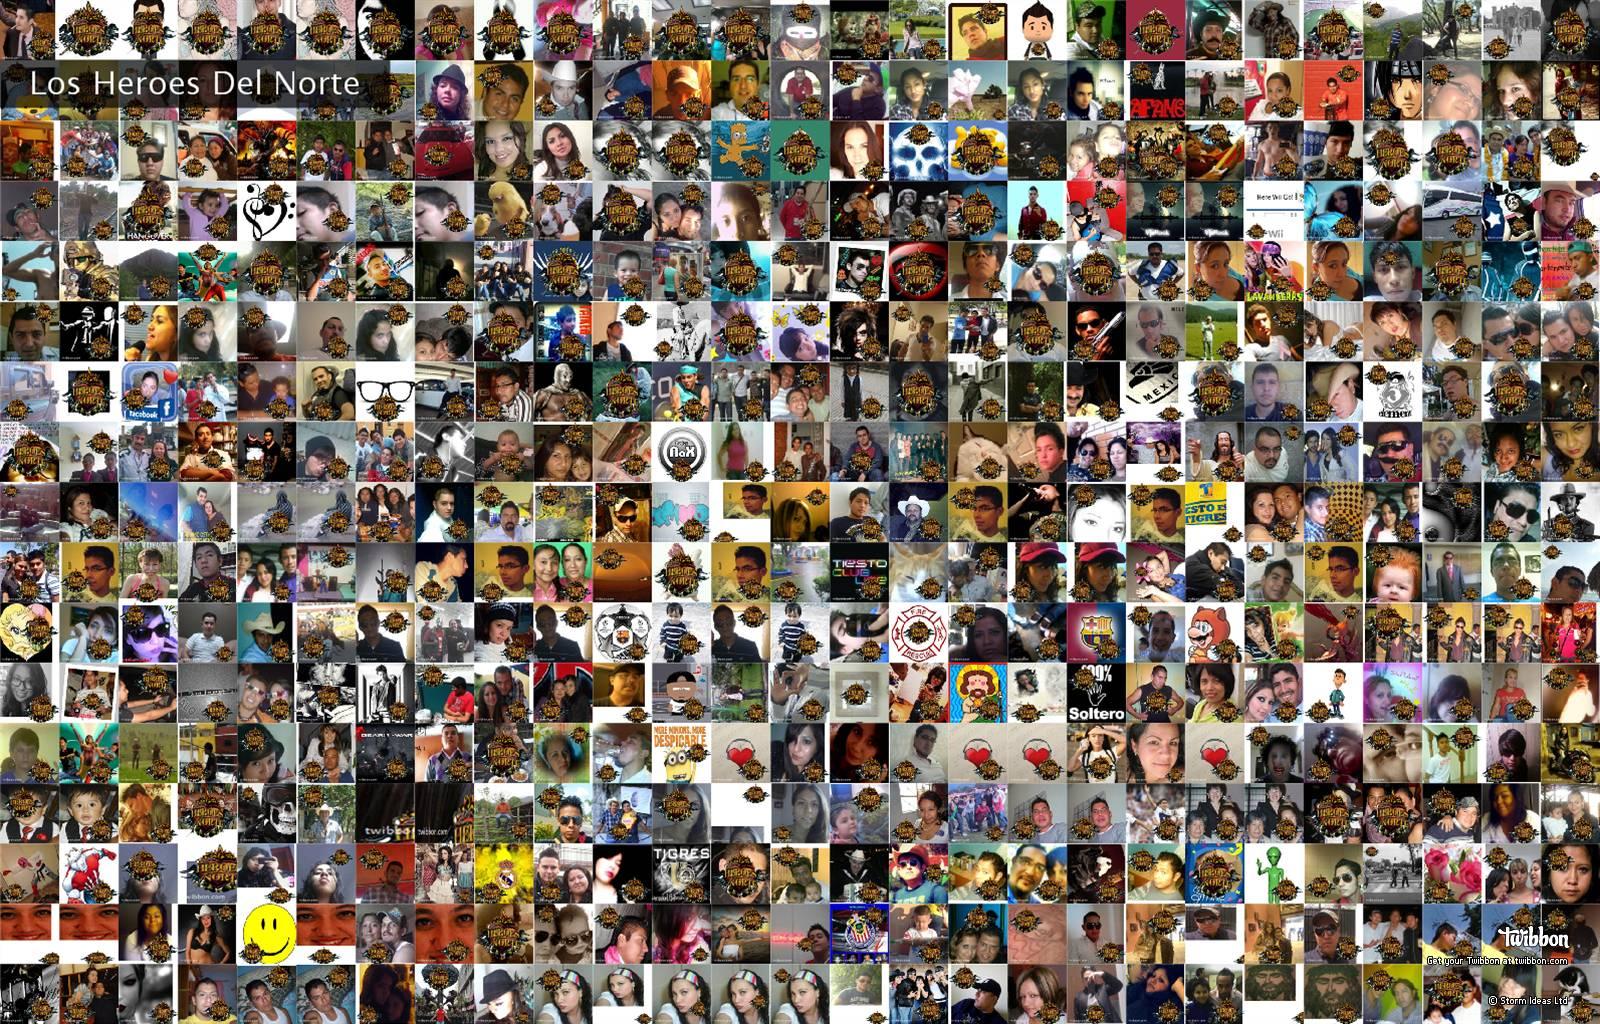 Los Heroes Del Norte - Resources - Los Heroes Del Norte Twibute 500